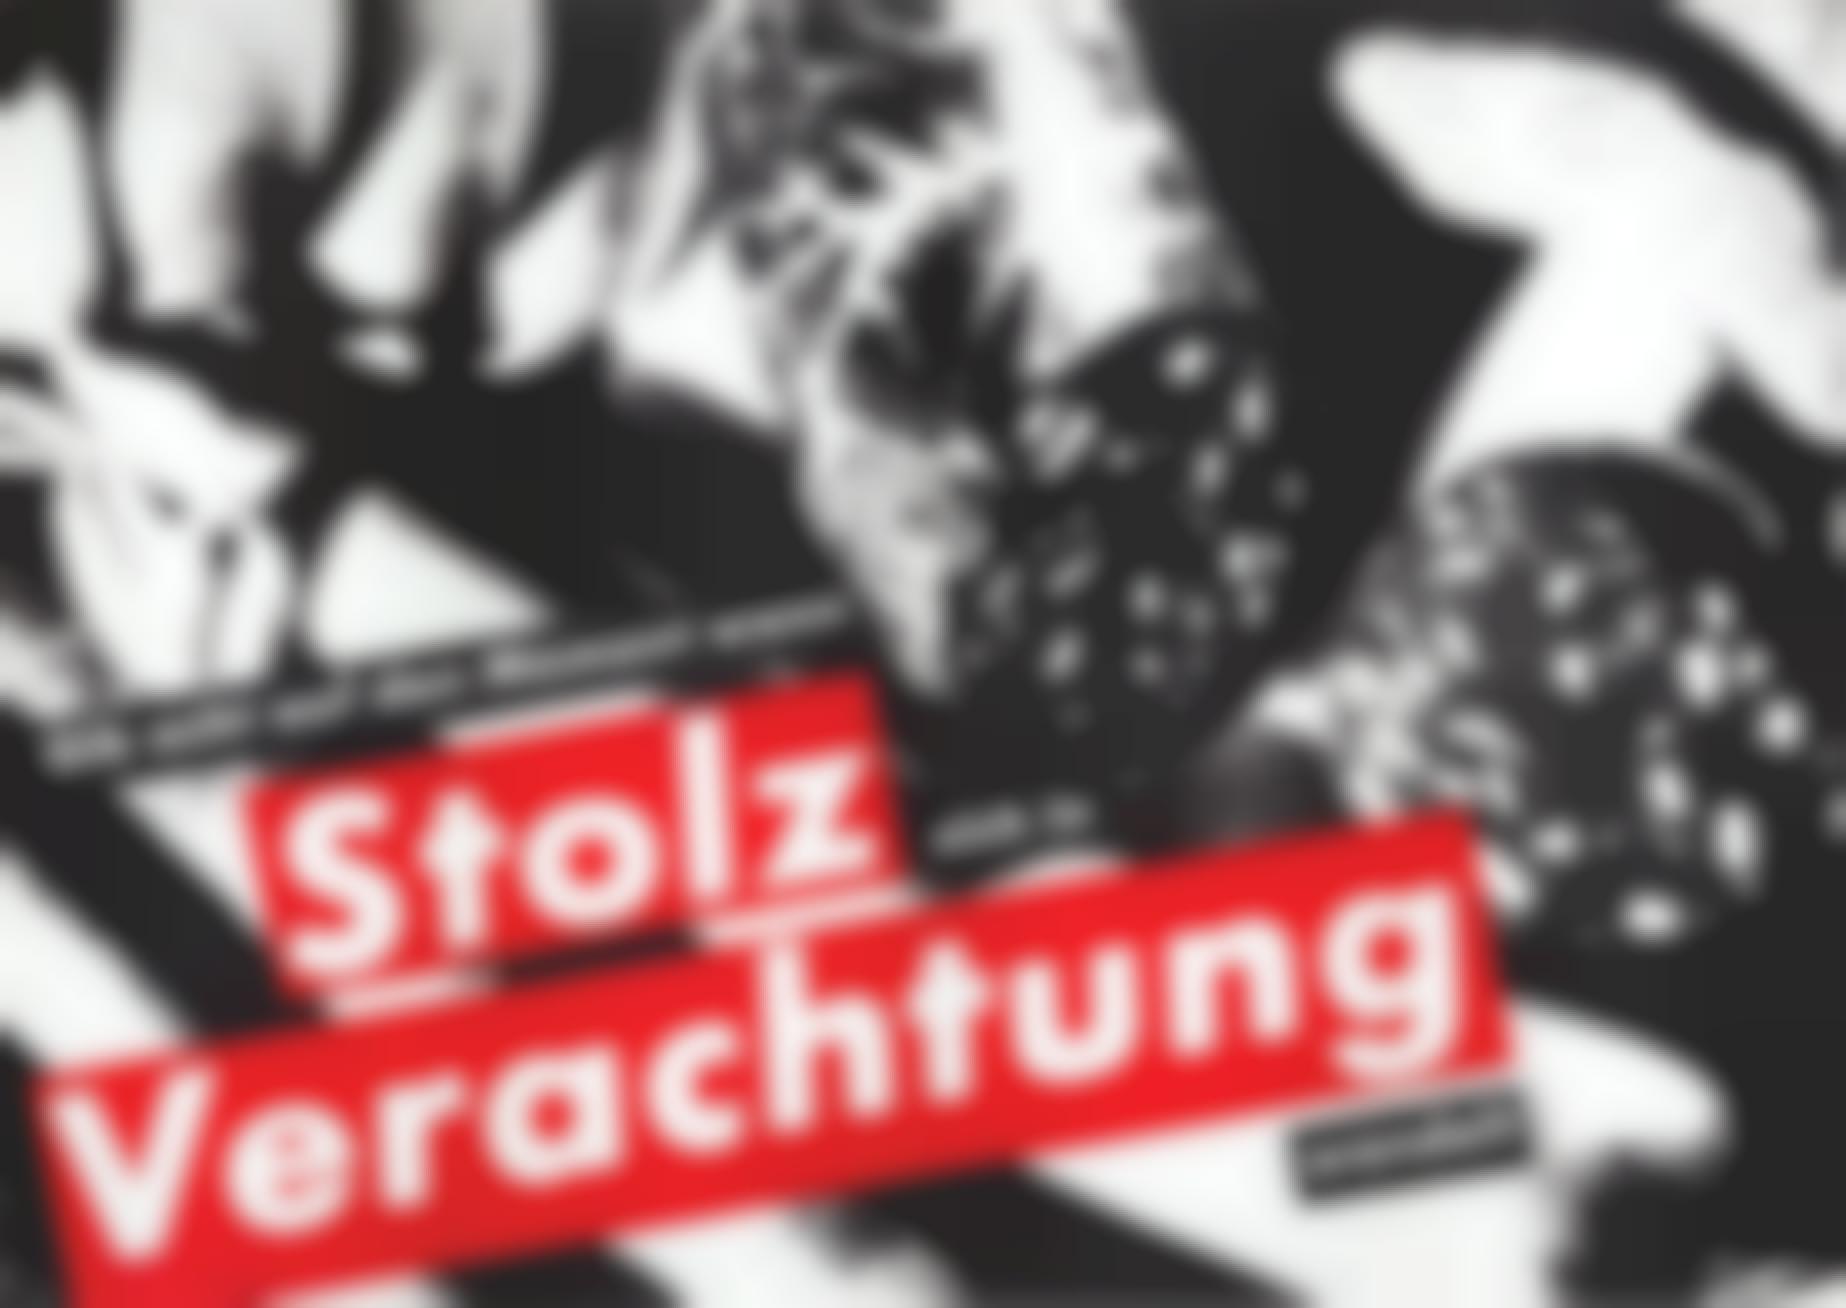 Barbara Kruger-Gib Acht Auf Den Moment Wenn Stolz Sich In Verachtung Wandelt (Watch The Moment When Pride Changes To Contempt)-1990